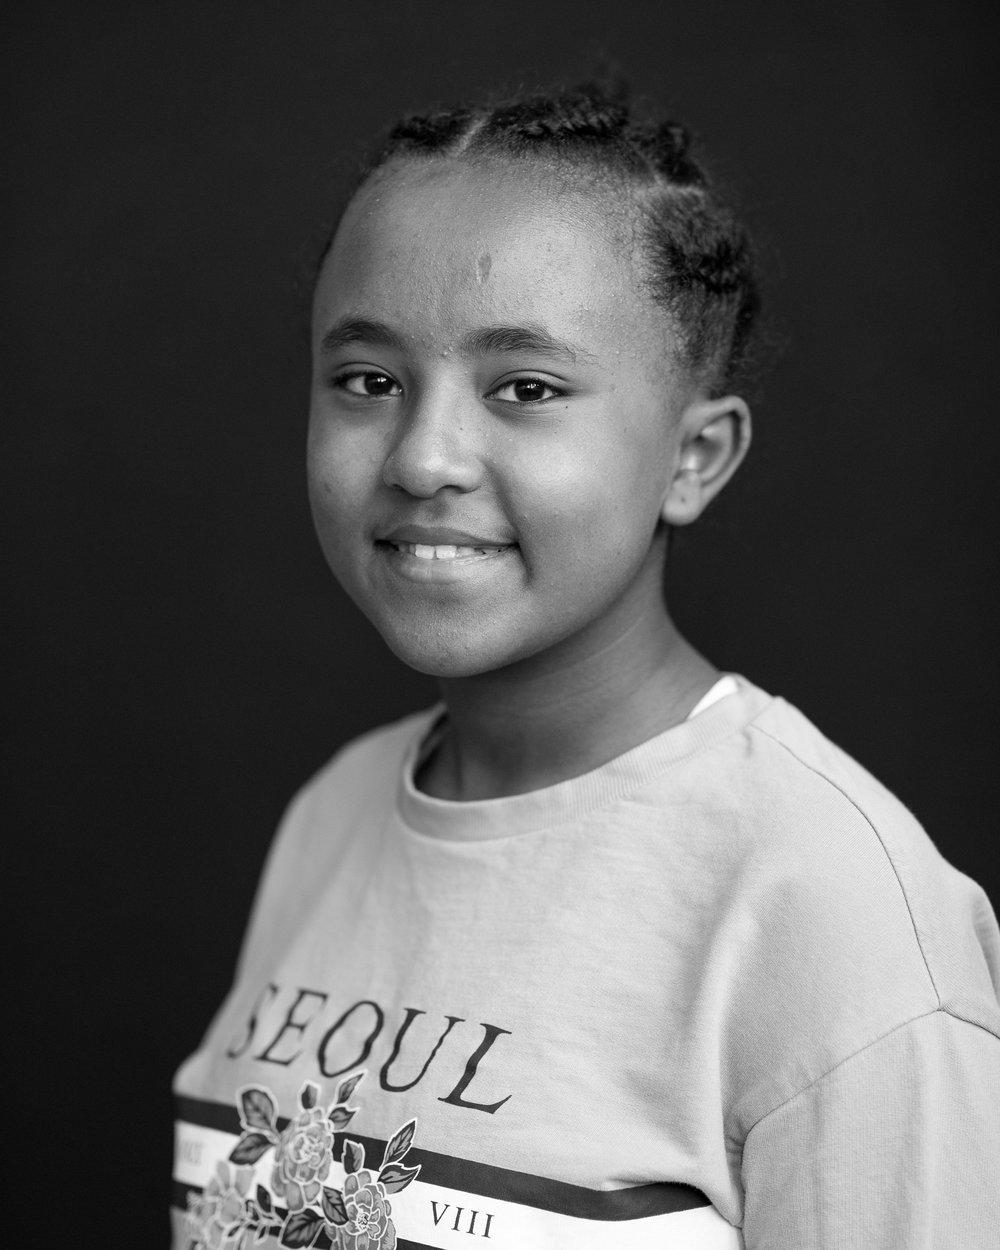 Rediet Assefa